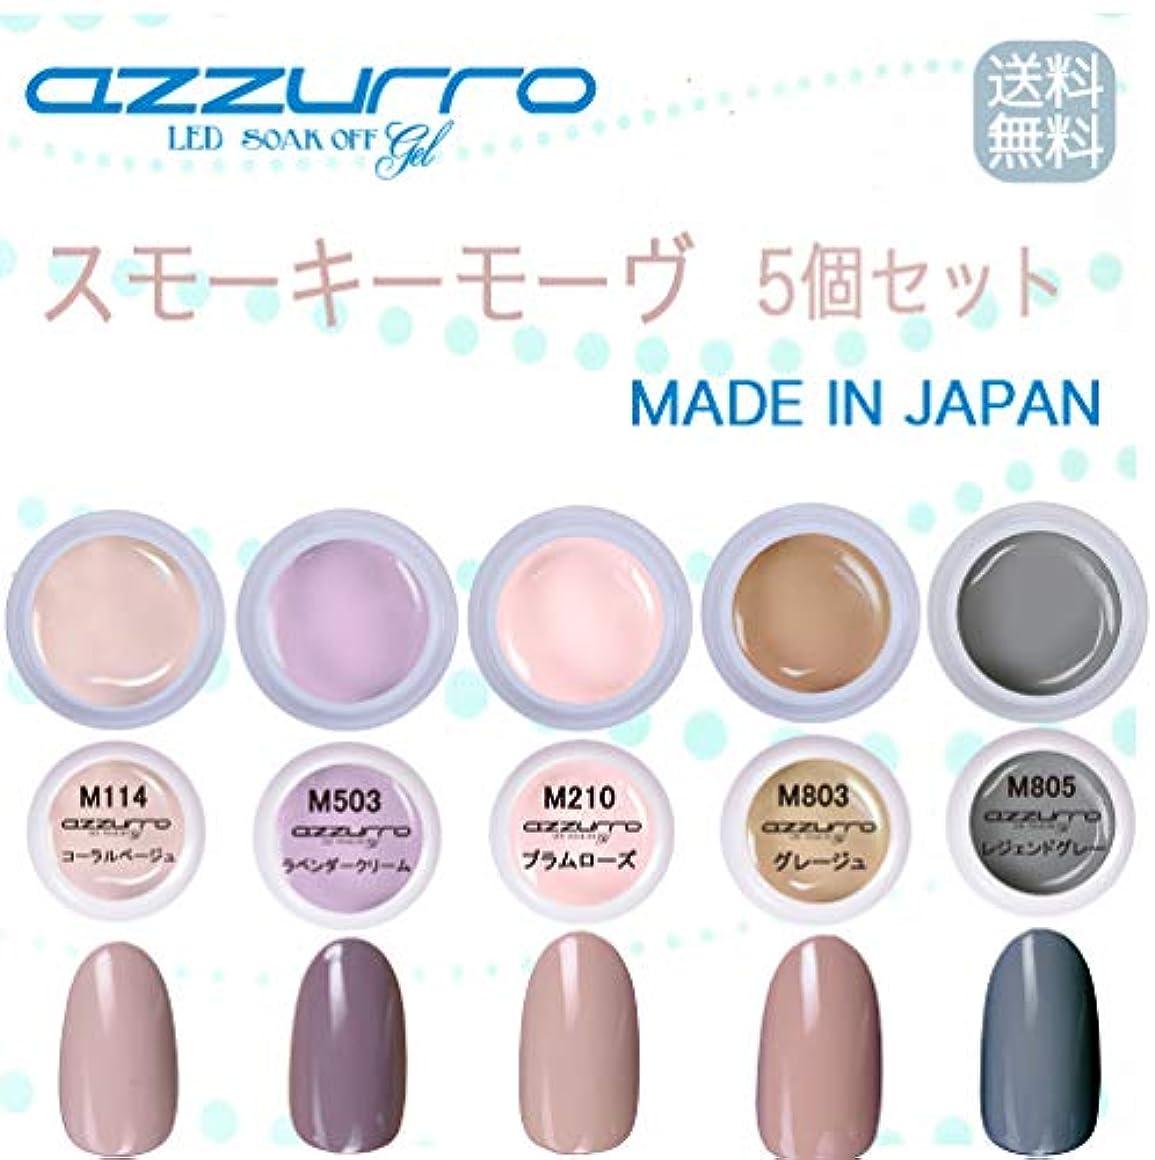 うまくいけば破壊的なレザー【送料無料】日本製 azzurro gel スモーキーモーヴカラージェル5個セット 春色にもかかせないとスモーキーなモーヴカラー